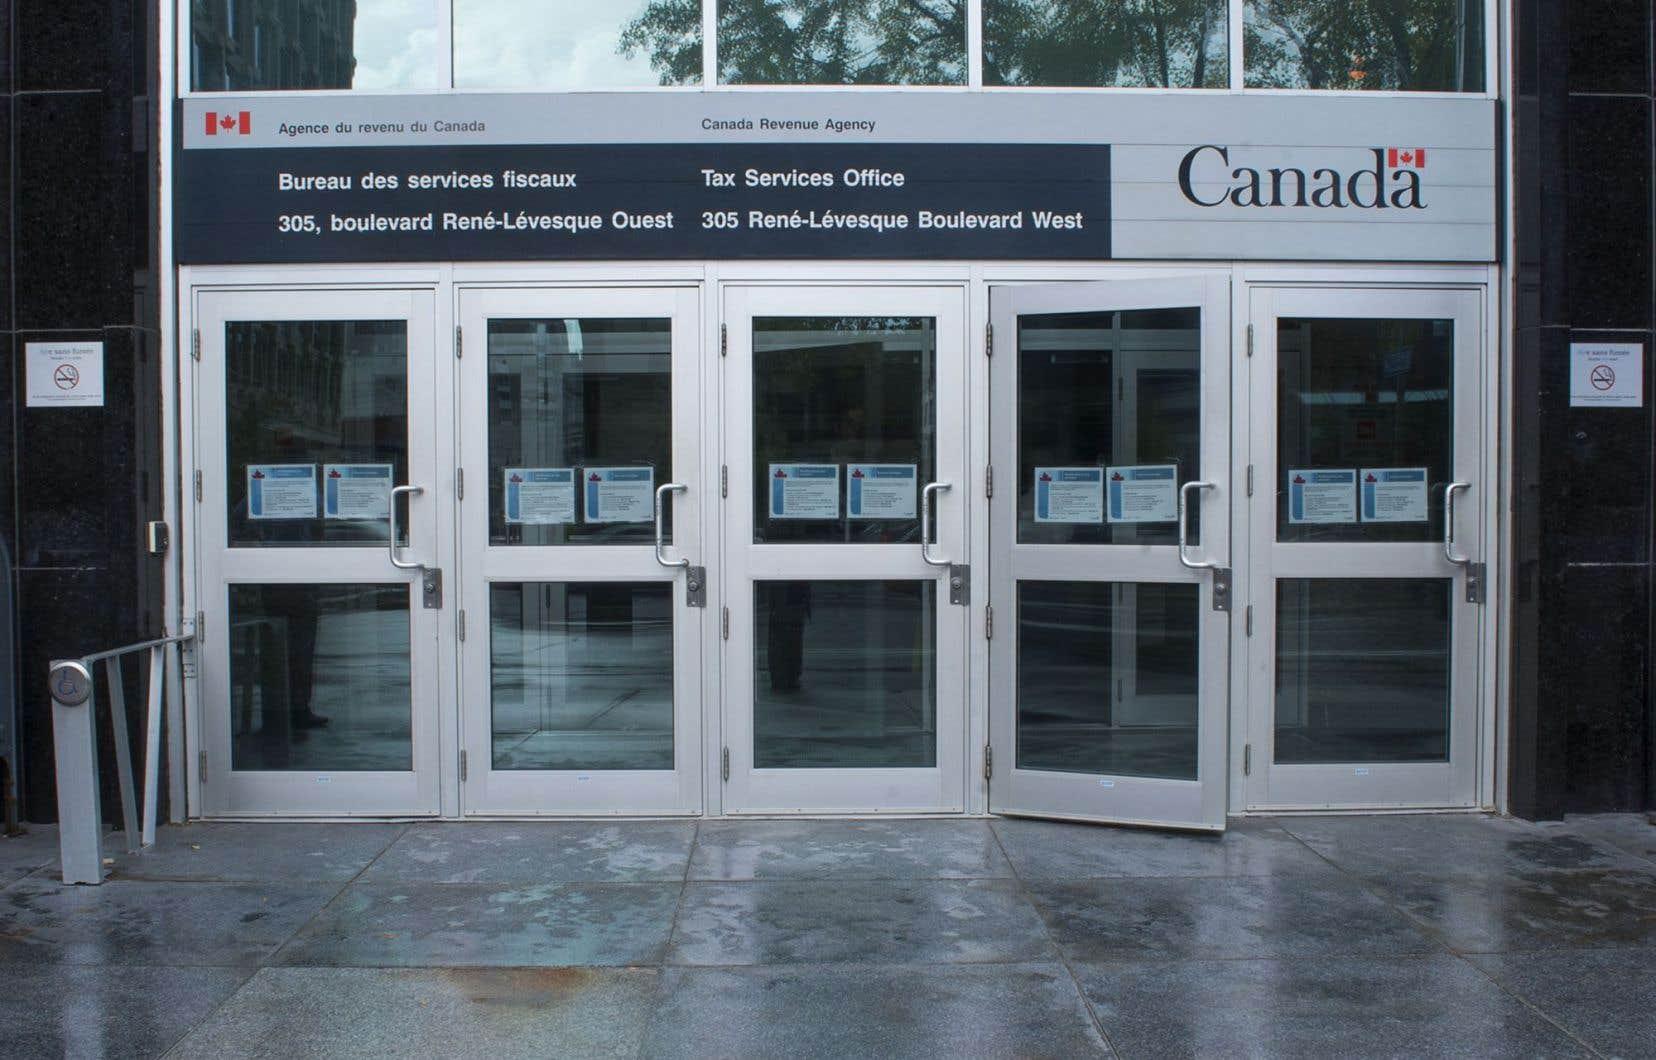 Le reportage de l'émission «Enquête» a révélé que de riches Canadiens ont évité de payer de l'impôt au pays en utilisant les services de la firme KPMG.